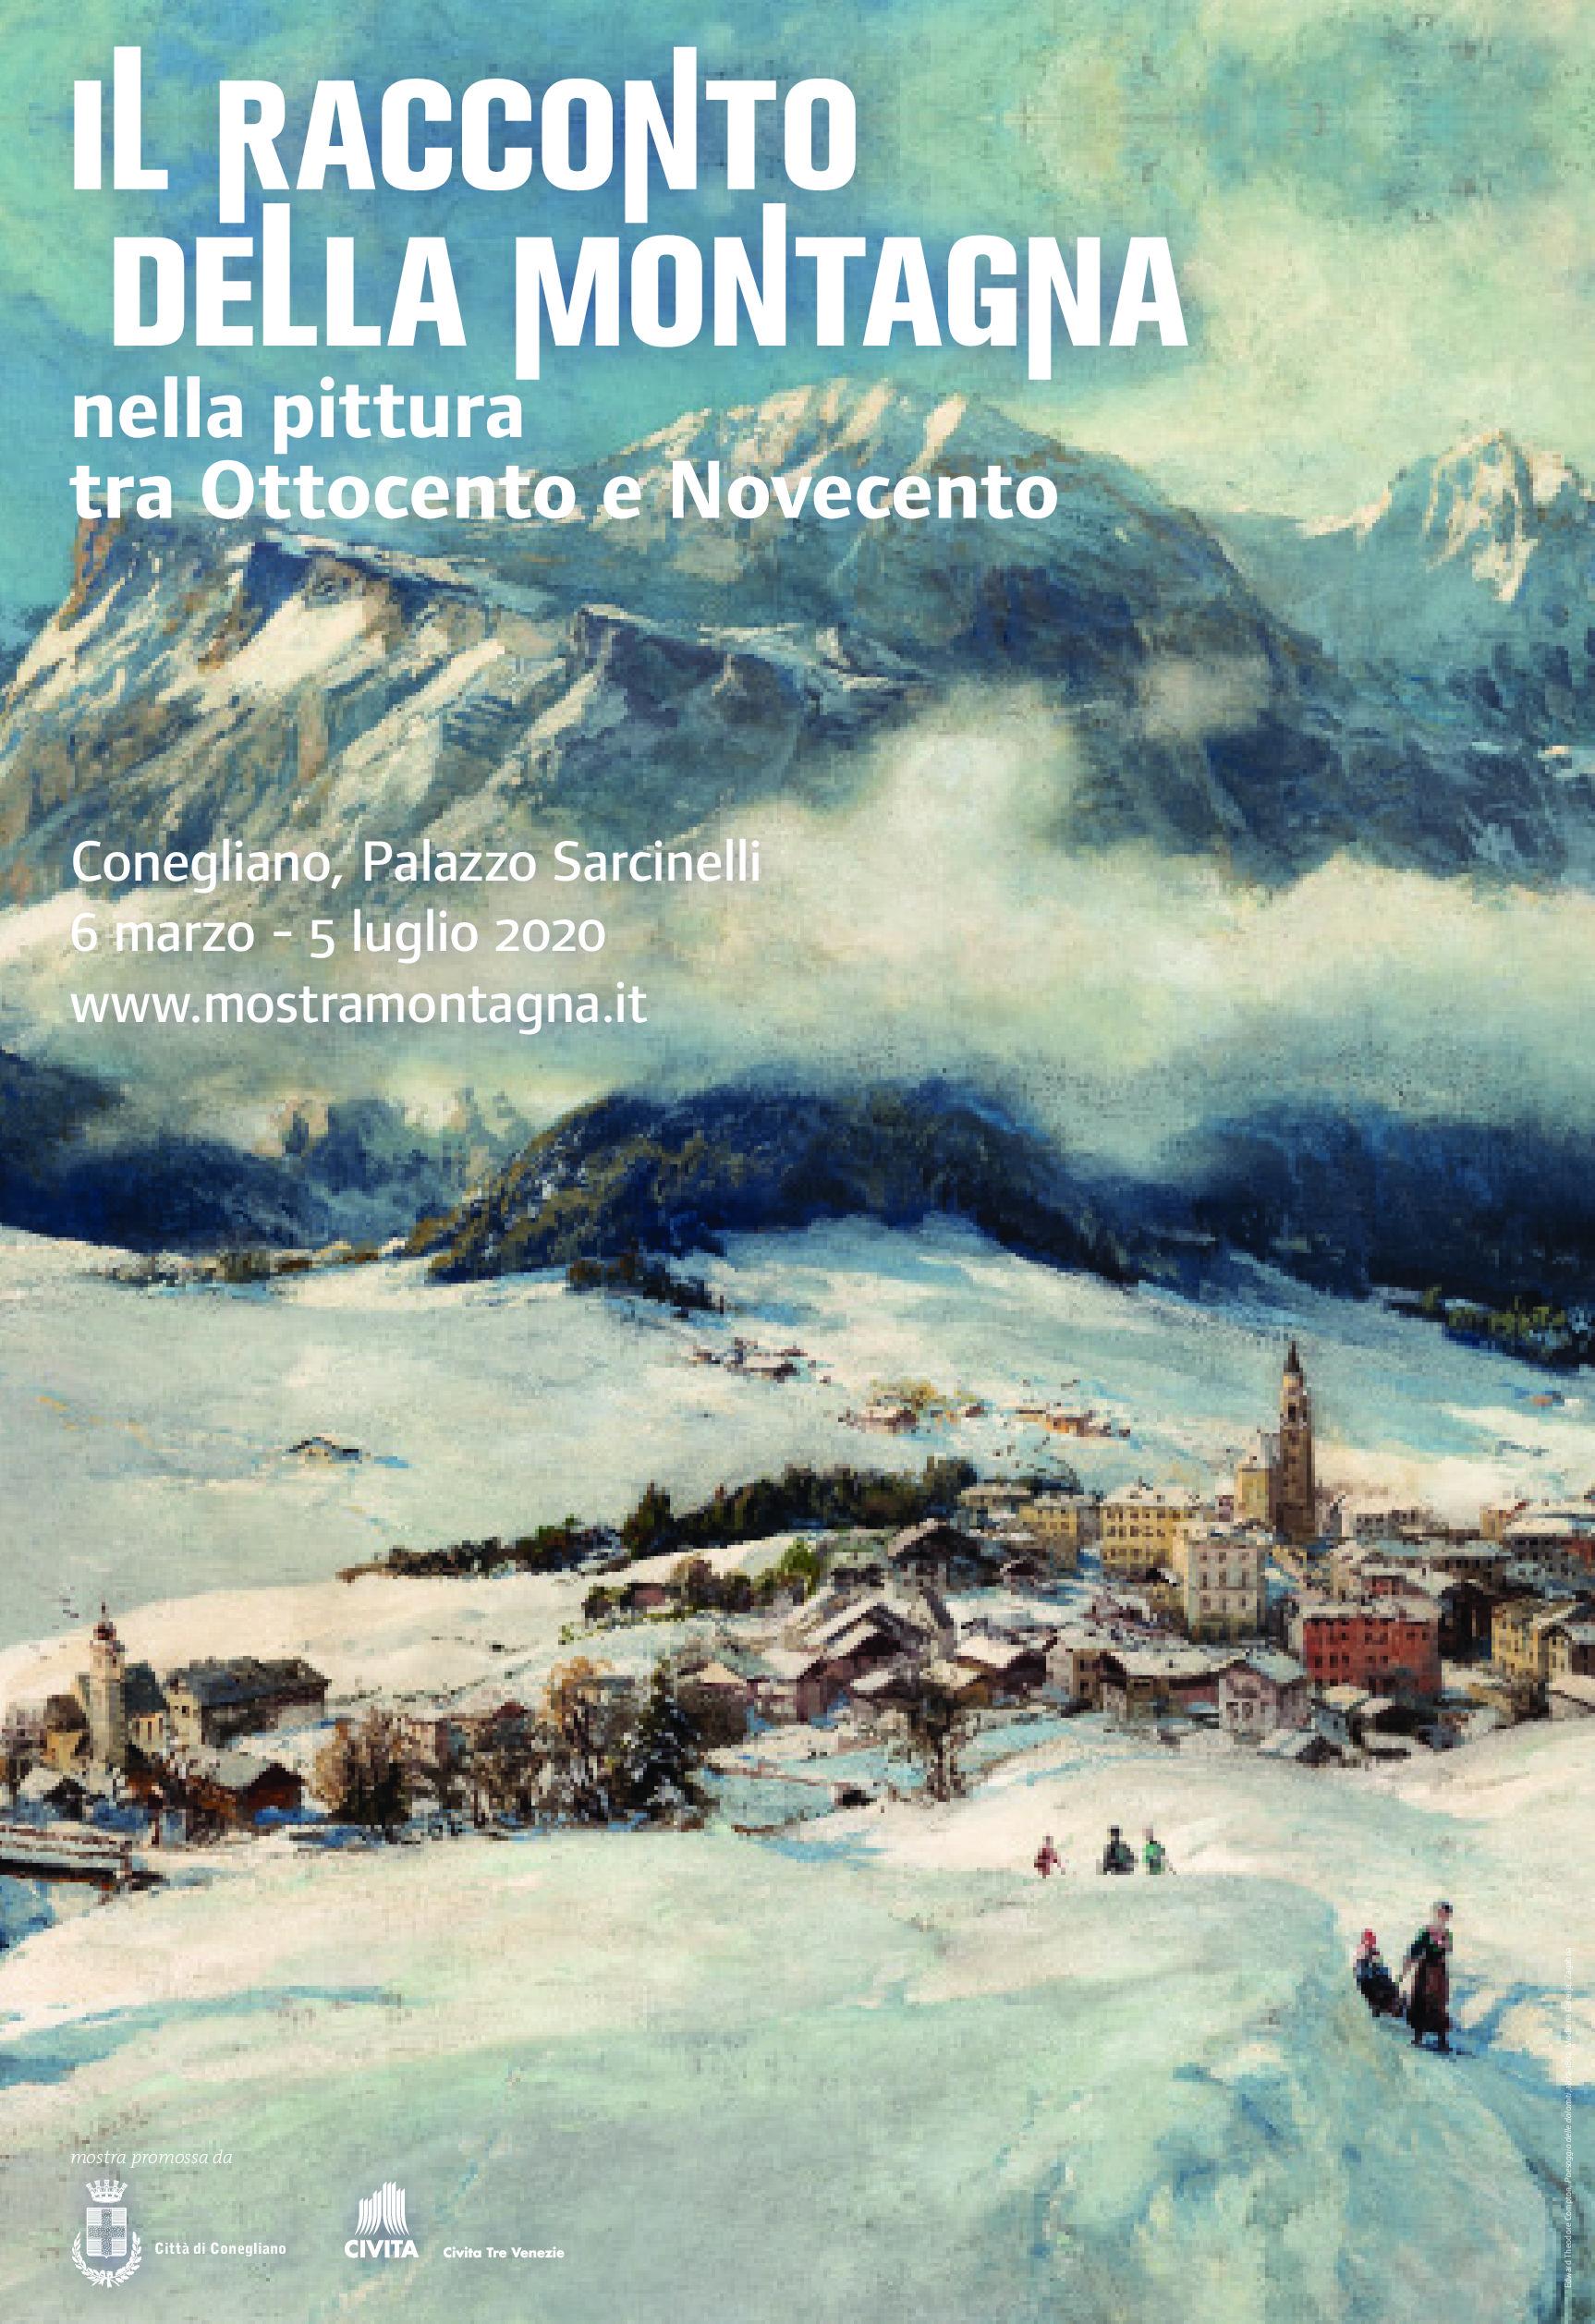 Il racconto della montagna nella pittura tra '800 e '900 - Visit Conegliano